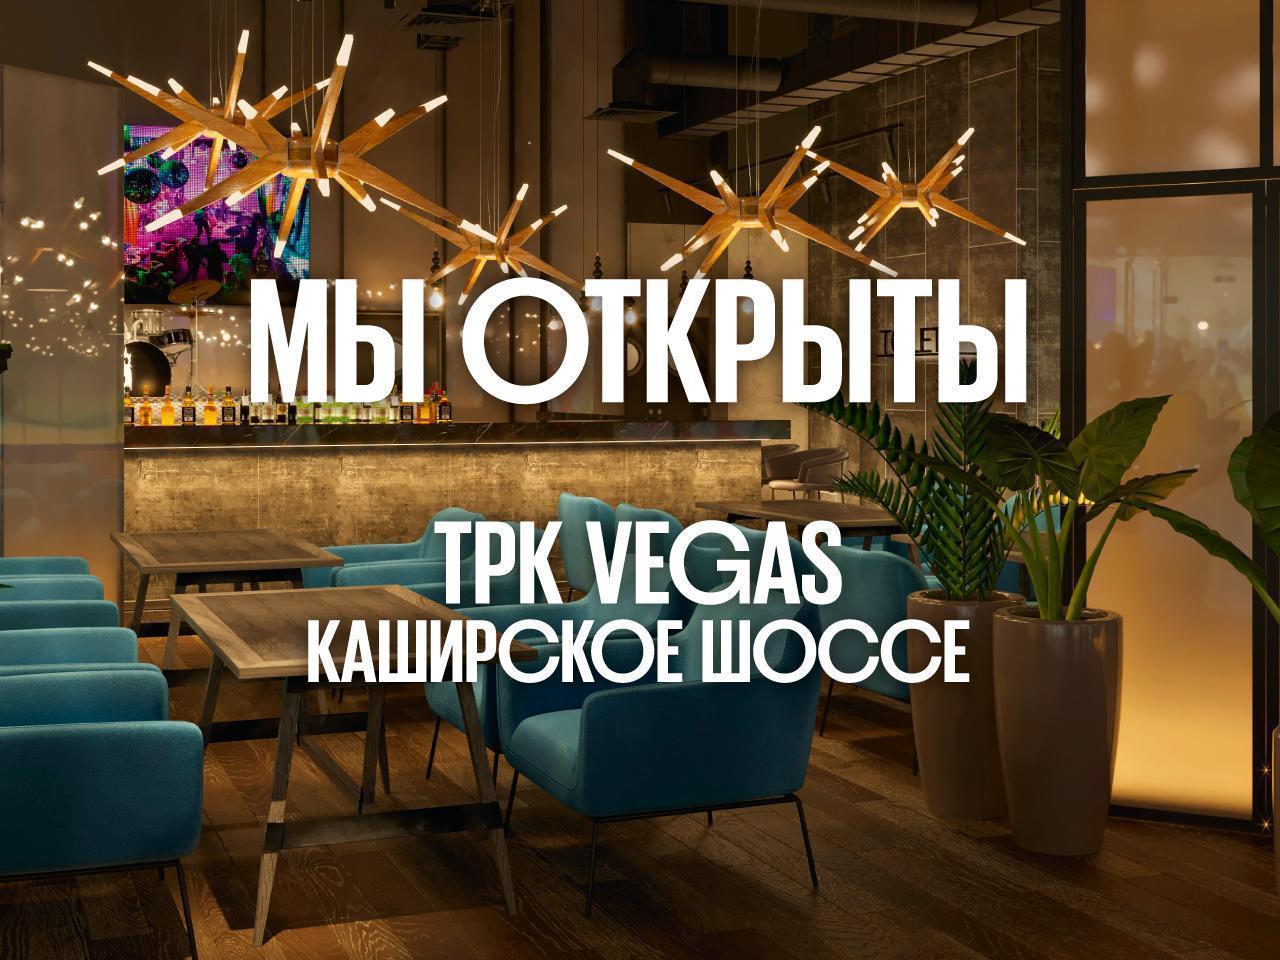 В ТРЦ VEGAS на Каширском шоссе открылся новый ресторан Чайхона №1